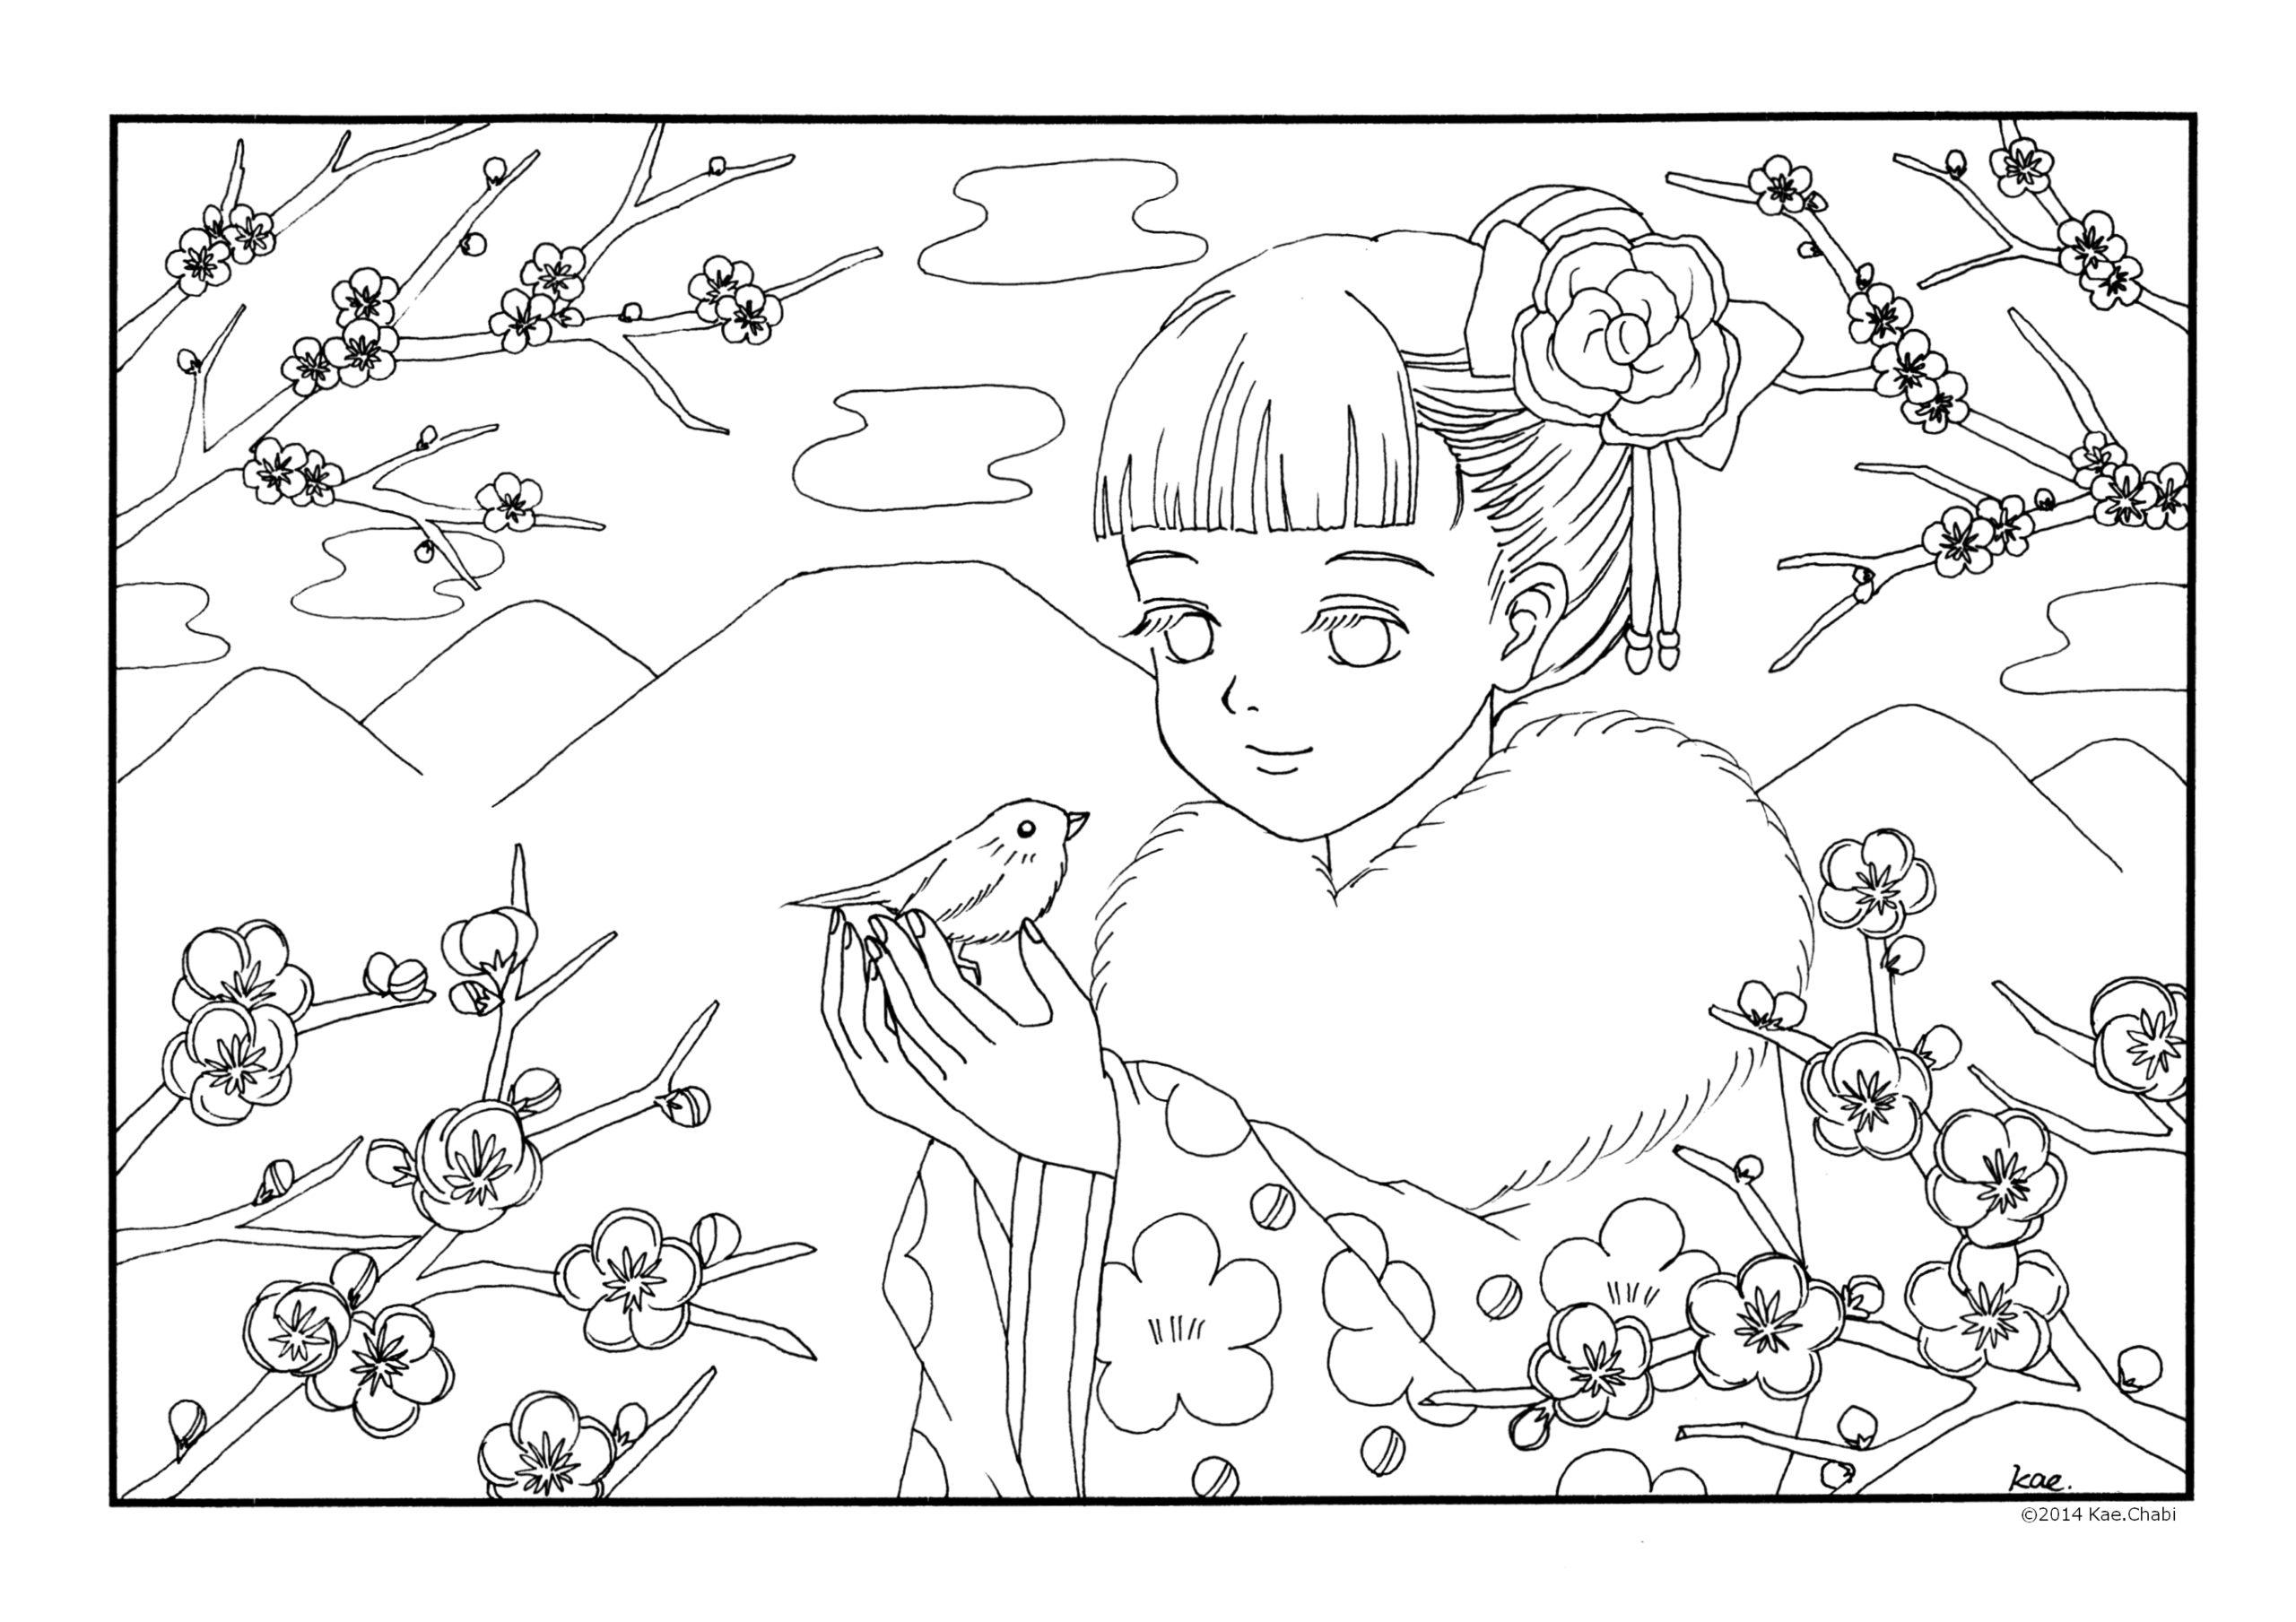 春よ来い ぬりえ2月 3月 梅の花 福寿草 立春 スケート ふきのとう 子どもたち 大人の塗り絵 かえちゃびのぬりえカレンダー